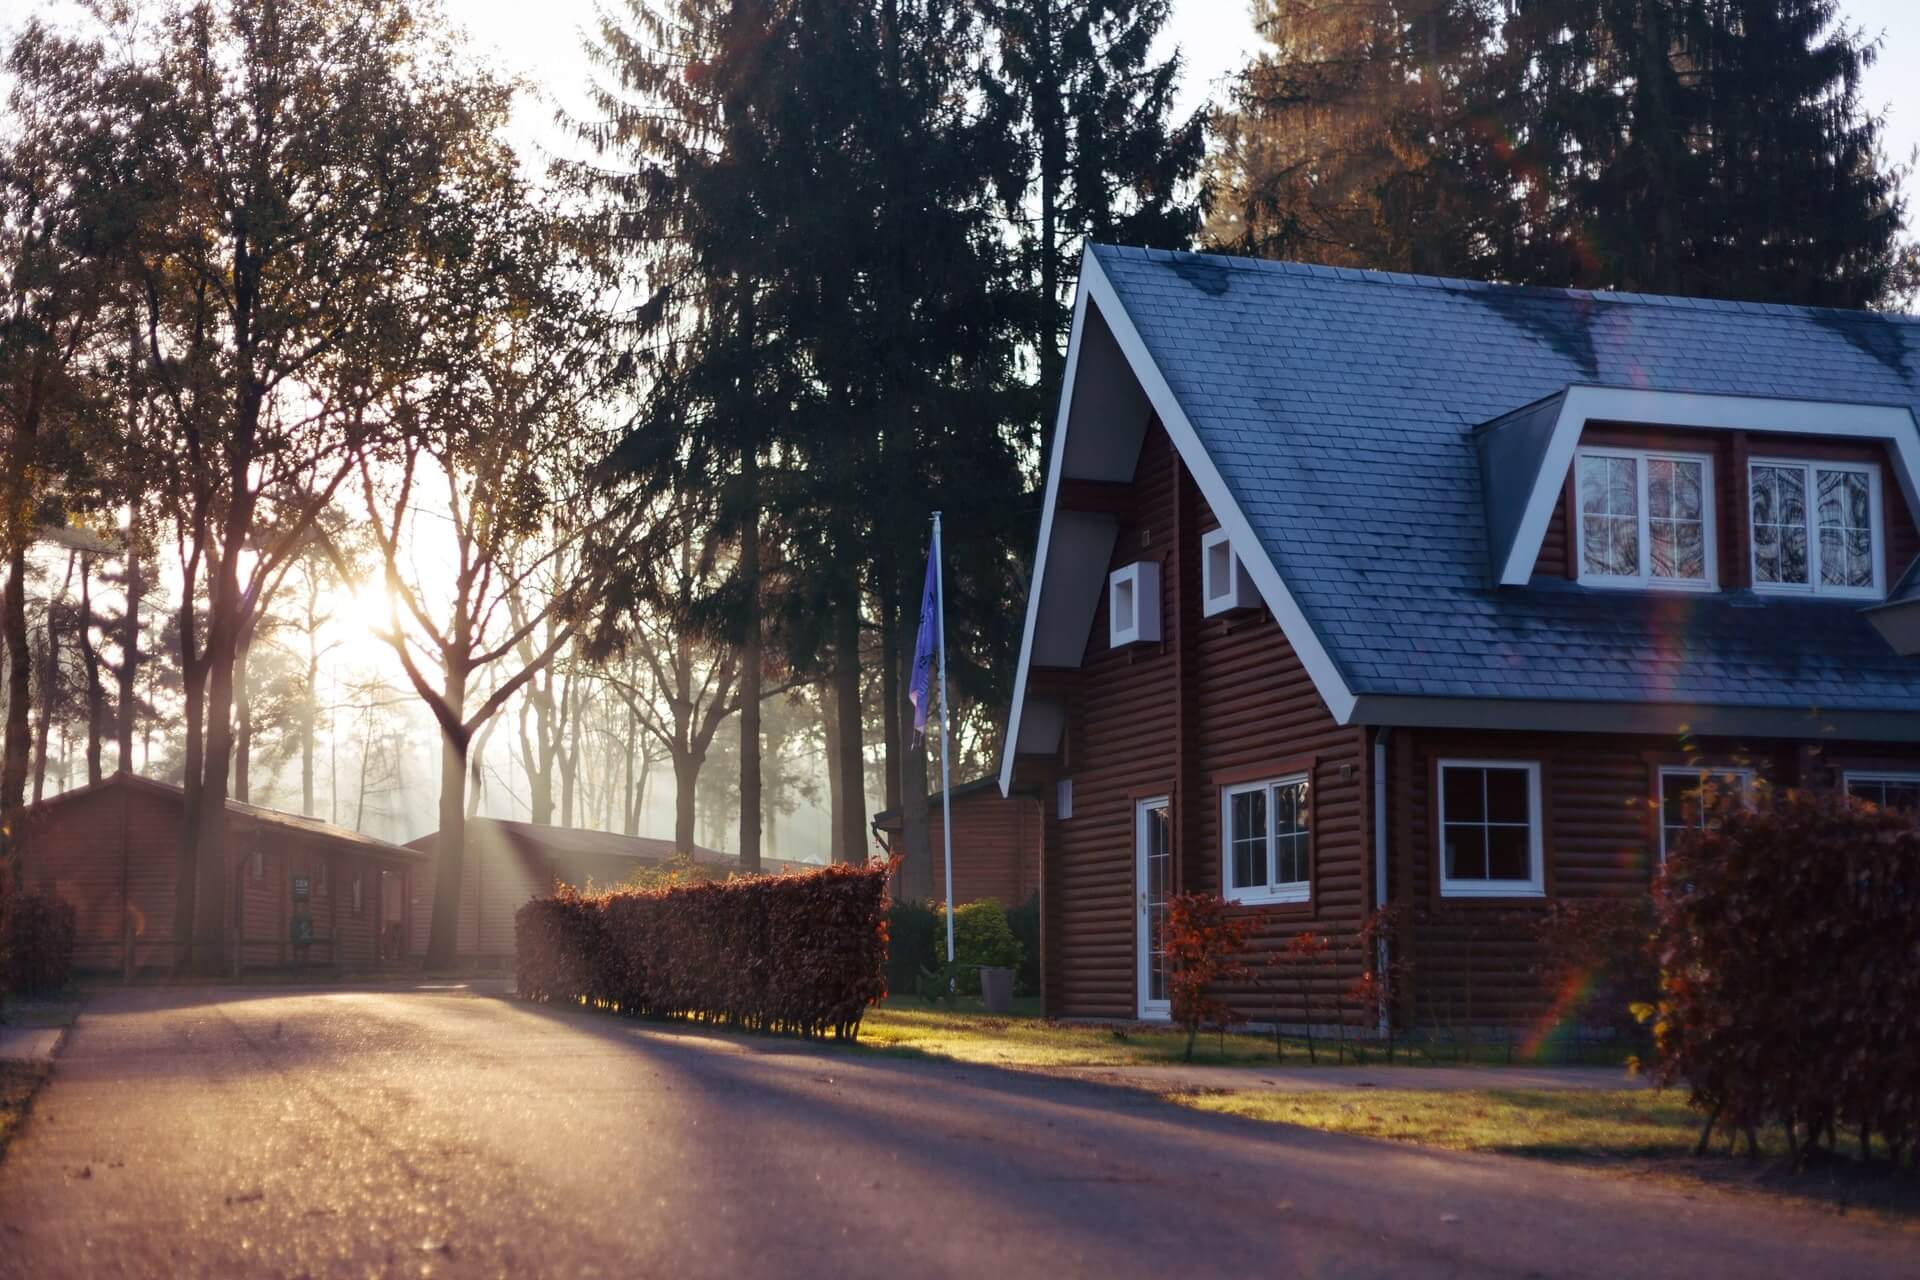 Mida koduostmise protsessi käigus iseendalt küsida?